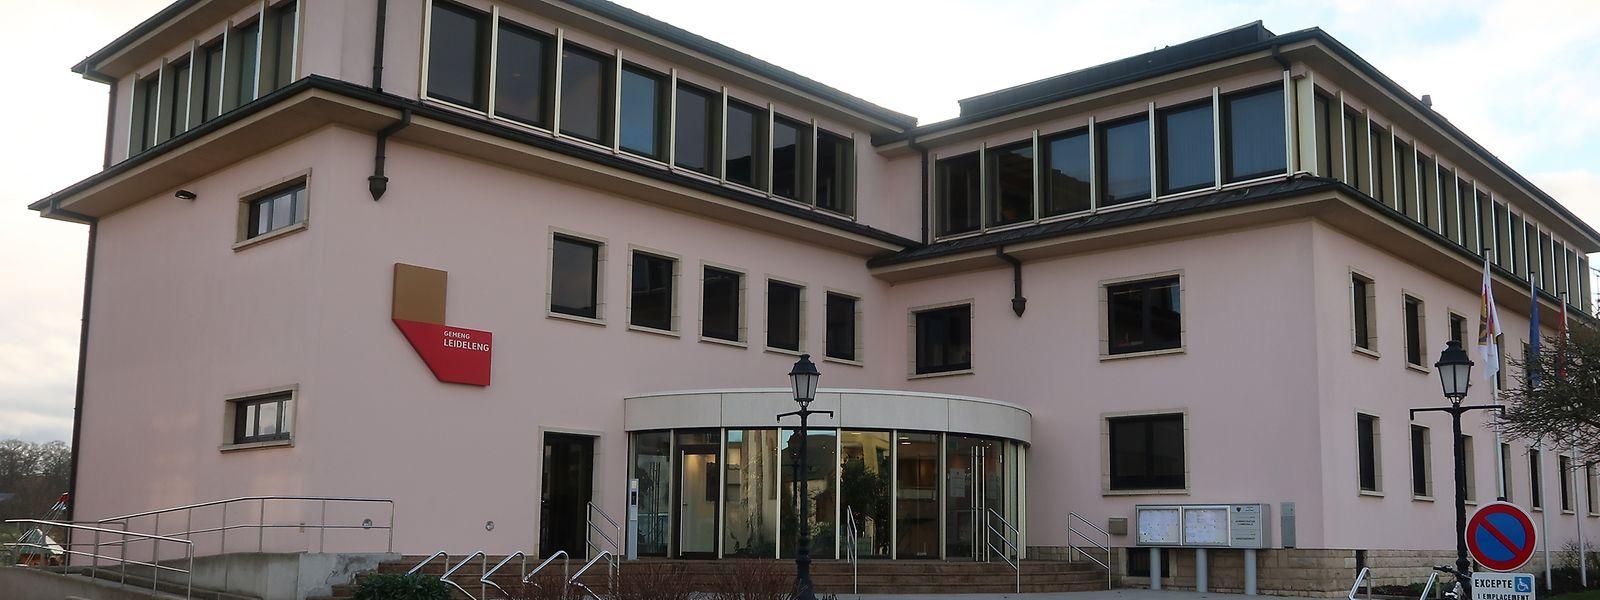 Am Dienstag wird ein neuer Schöffe in Leudelingen gewählt werden.